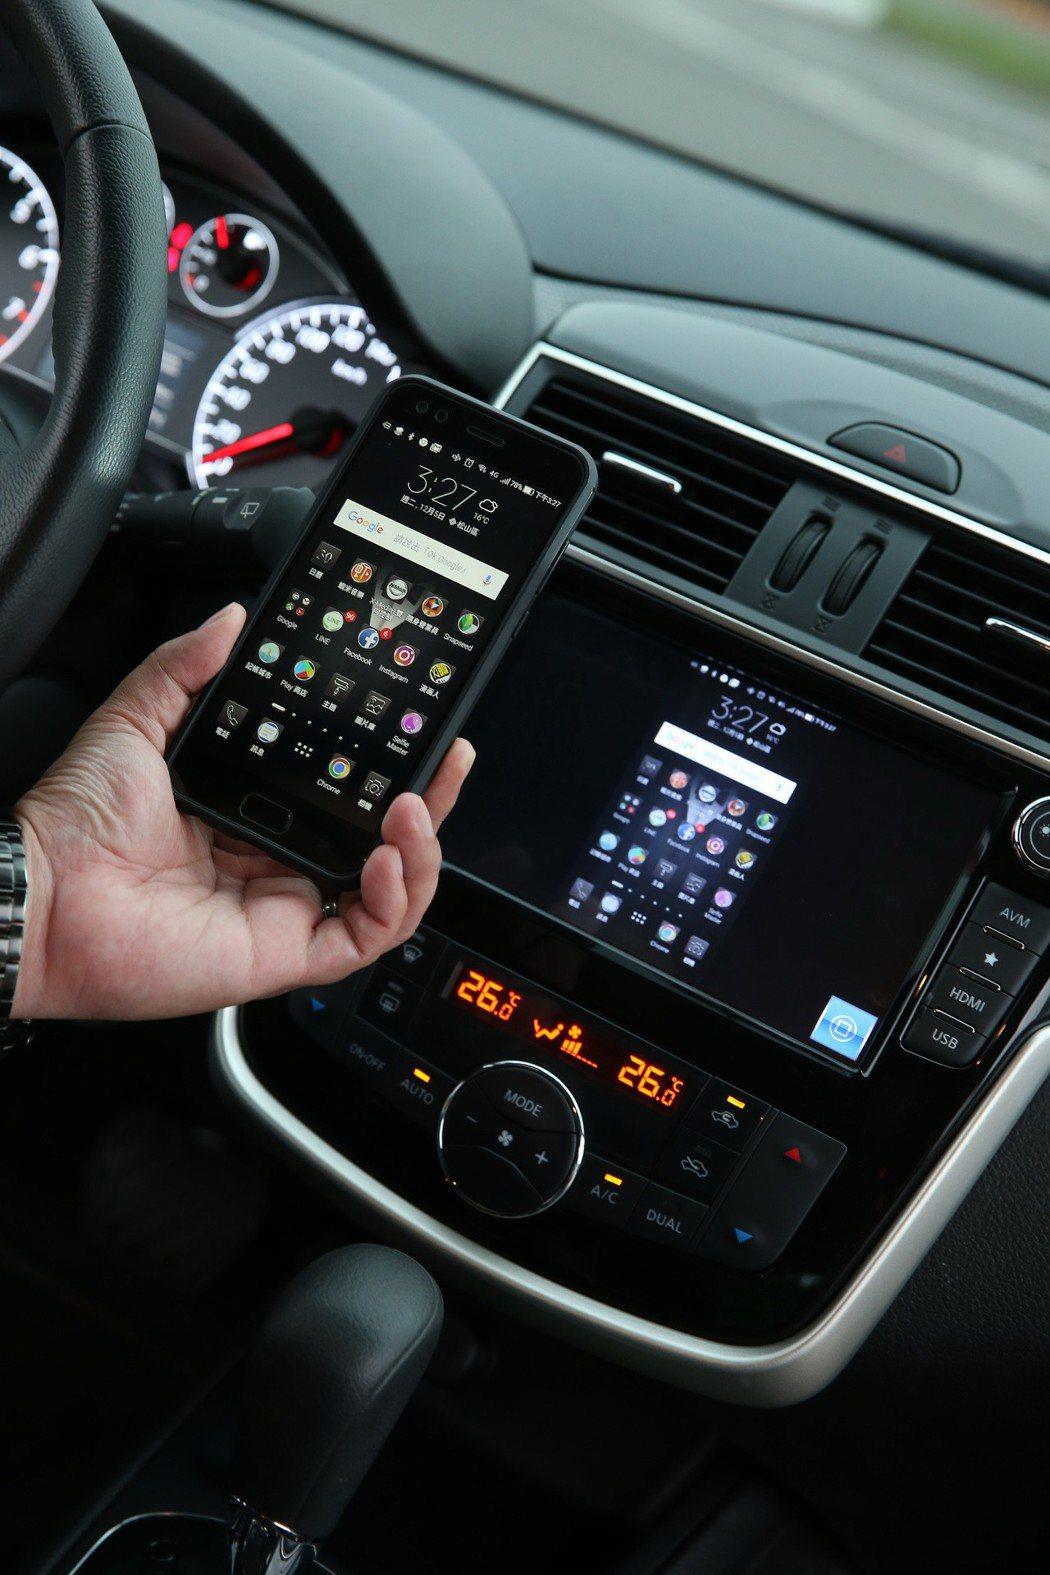 無線投影功能可以直接將手機畫面投影到8吋螢幕上。 記者陳立凱/攝影